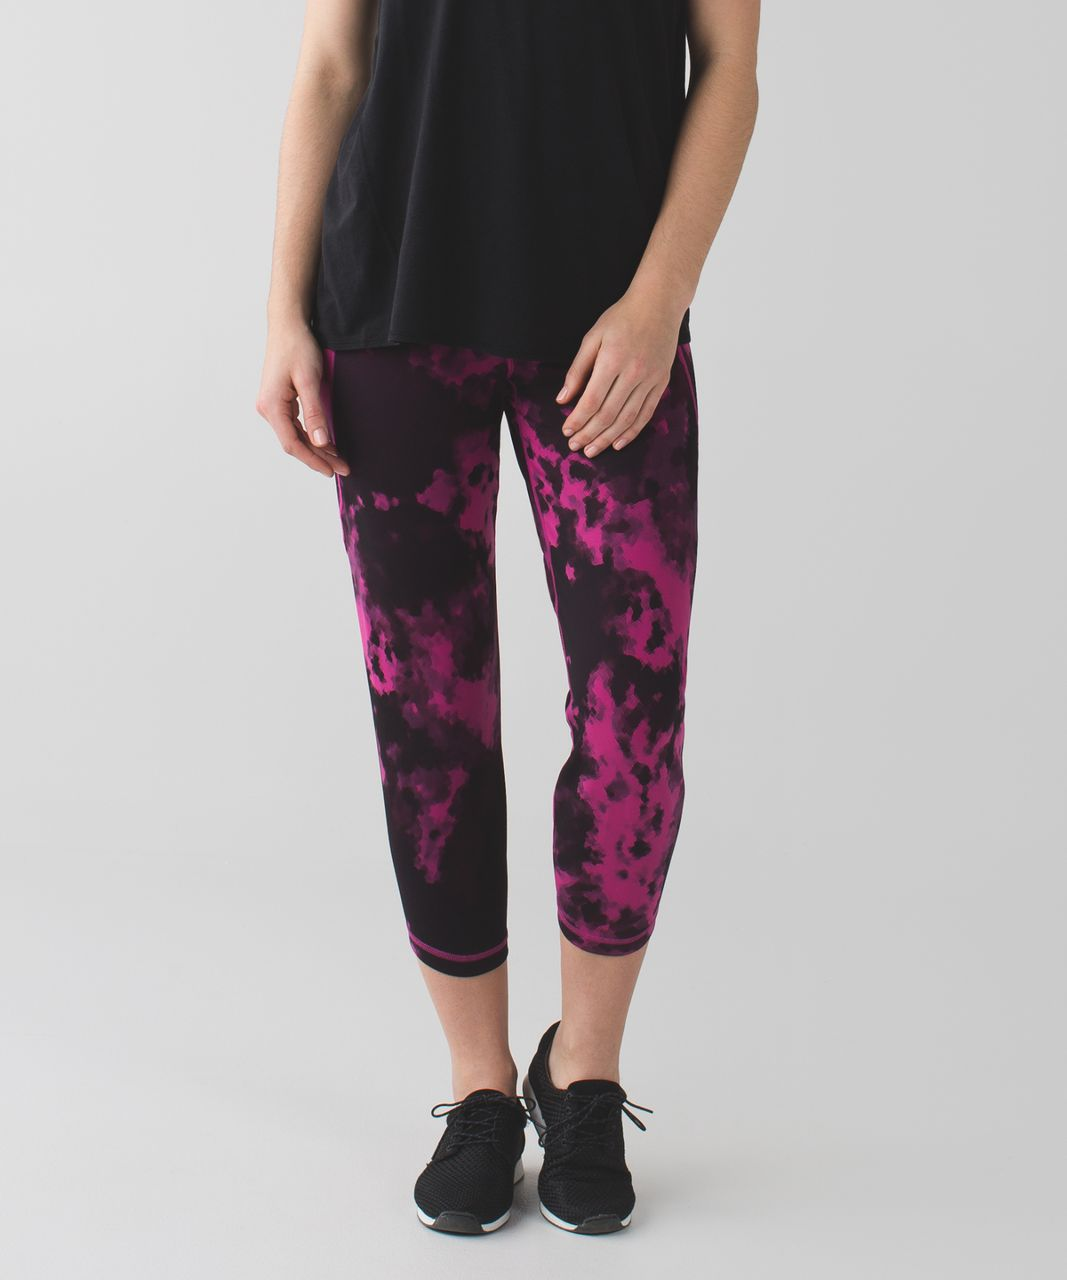 Lululemon Shake It Out Crop - Blooming Pixie Raspberry Black / Black